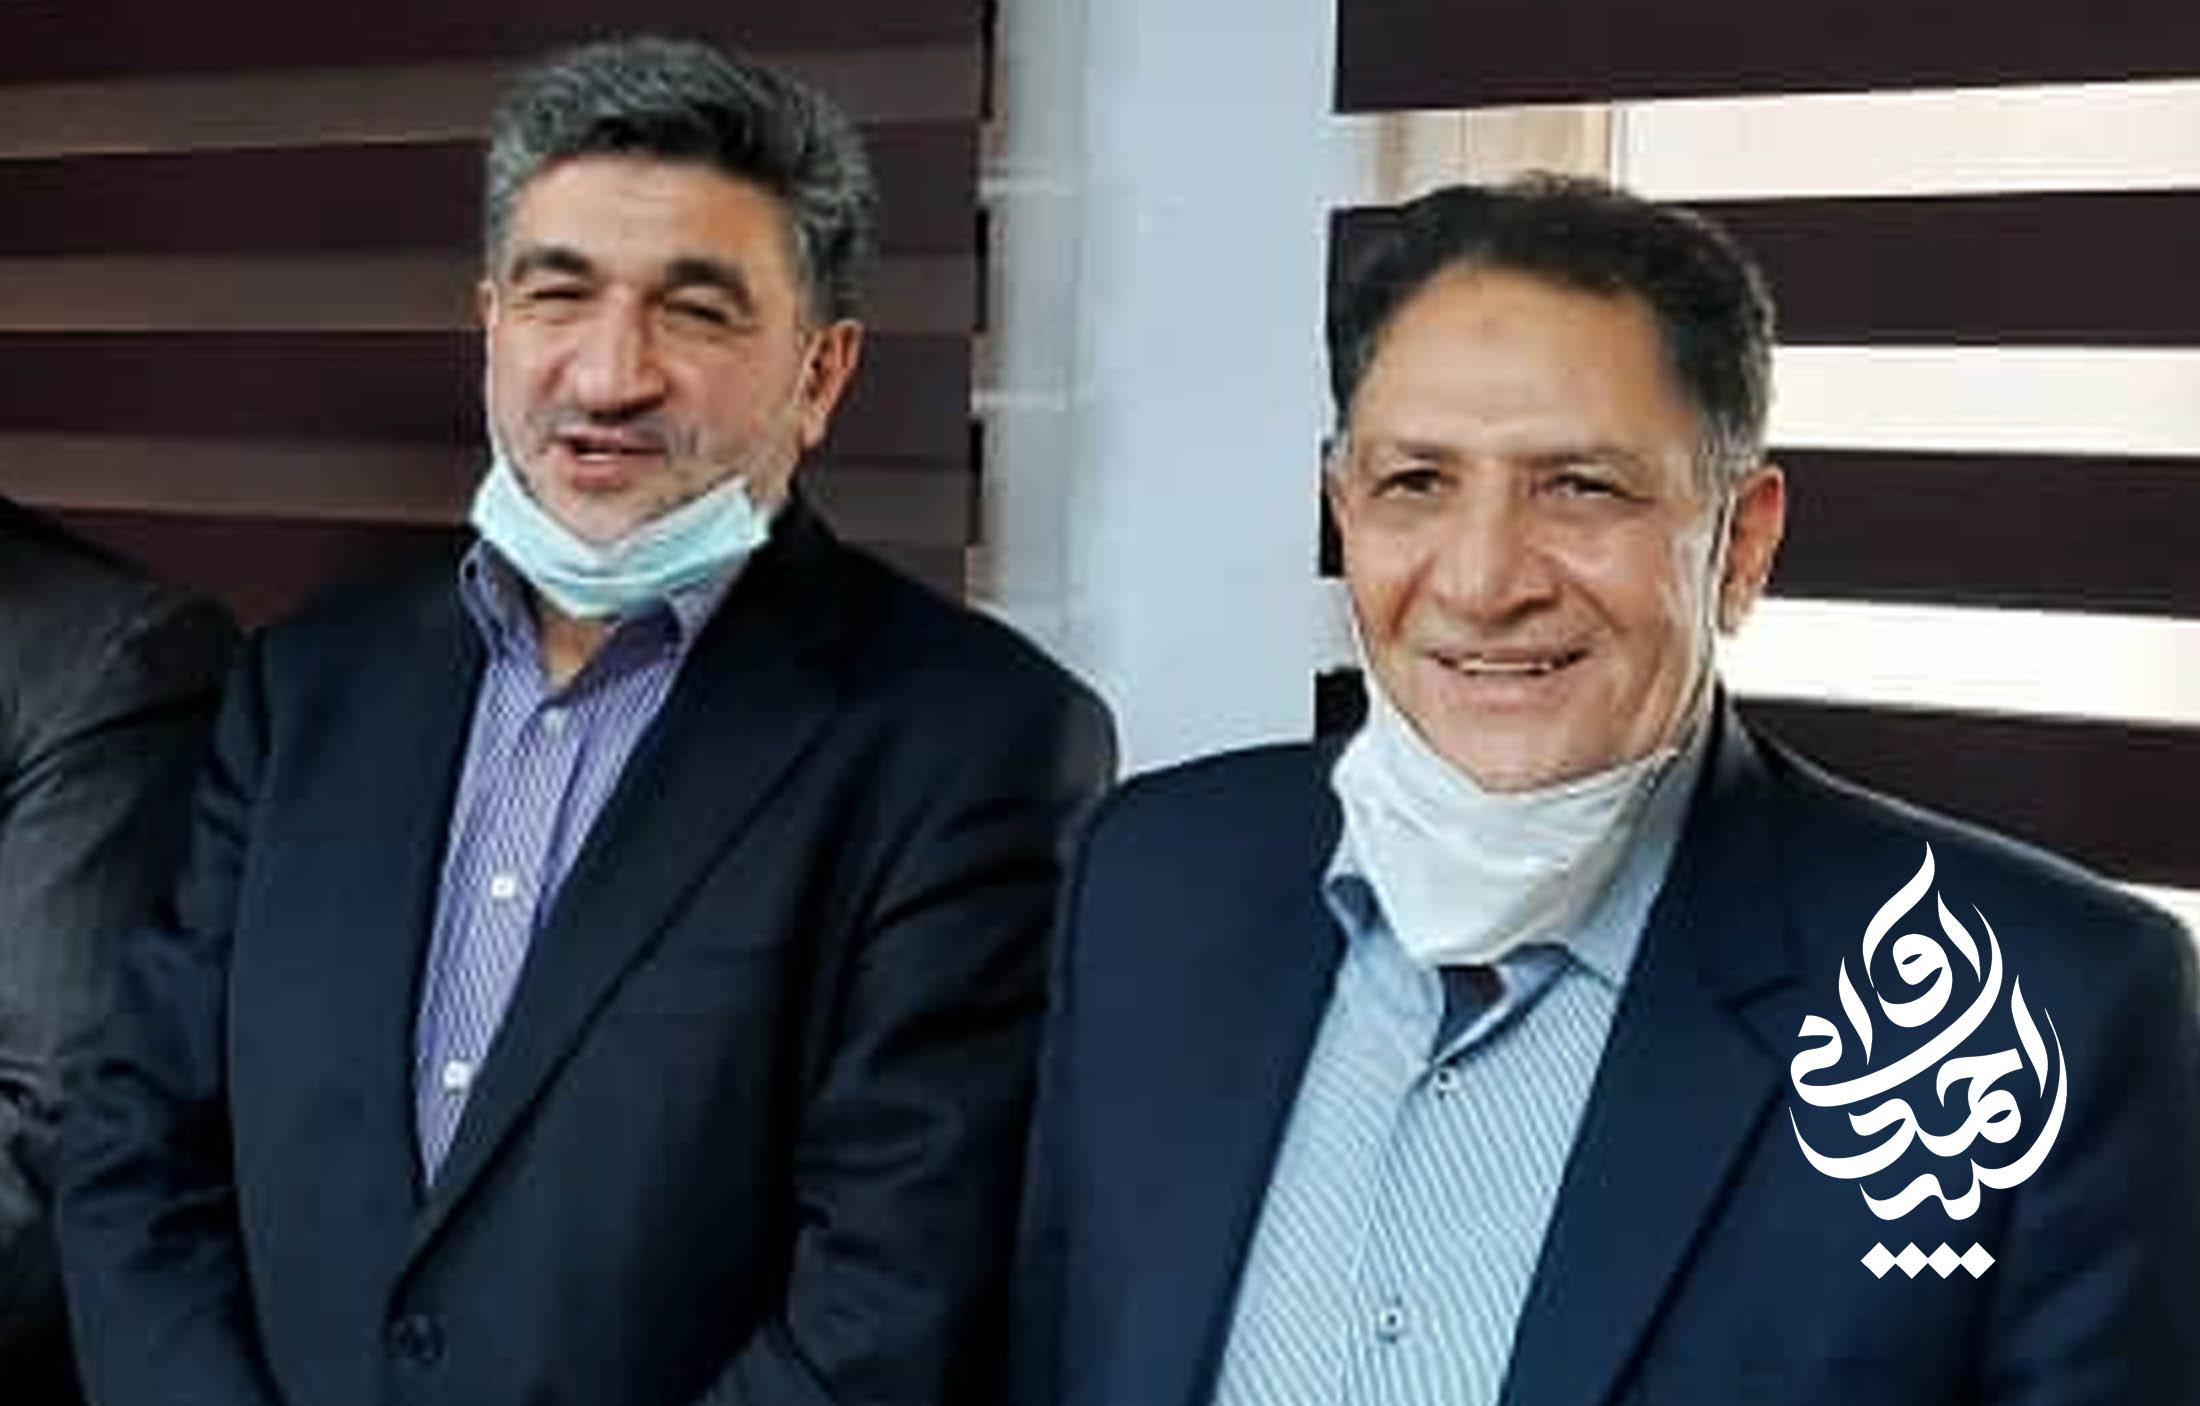 سید احمد آوایی نماینده دزفول با مدیرعامل بانک صادرات دیدار کرد